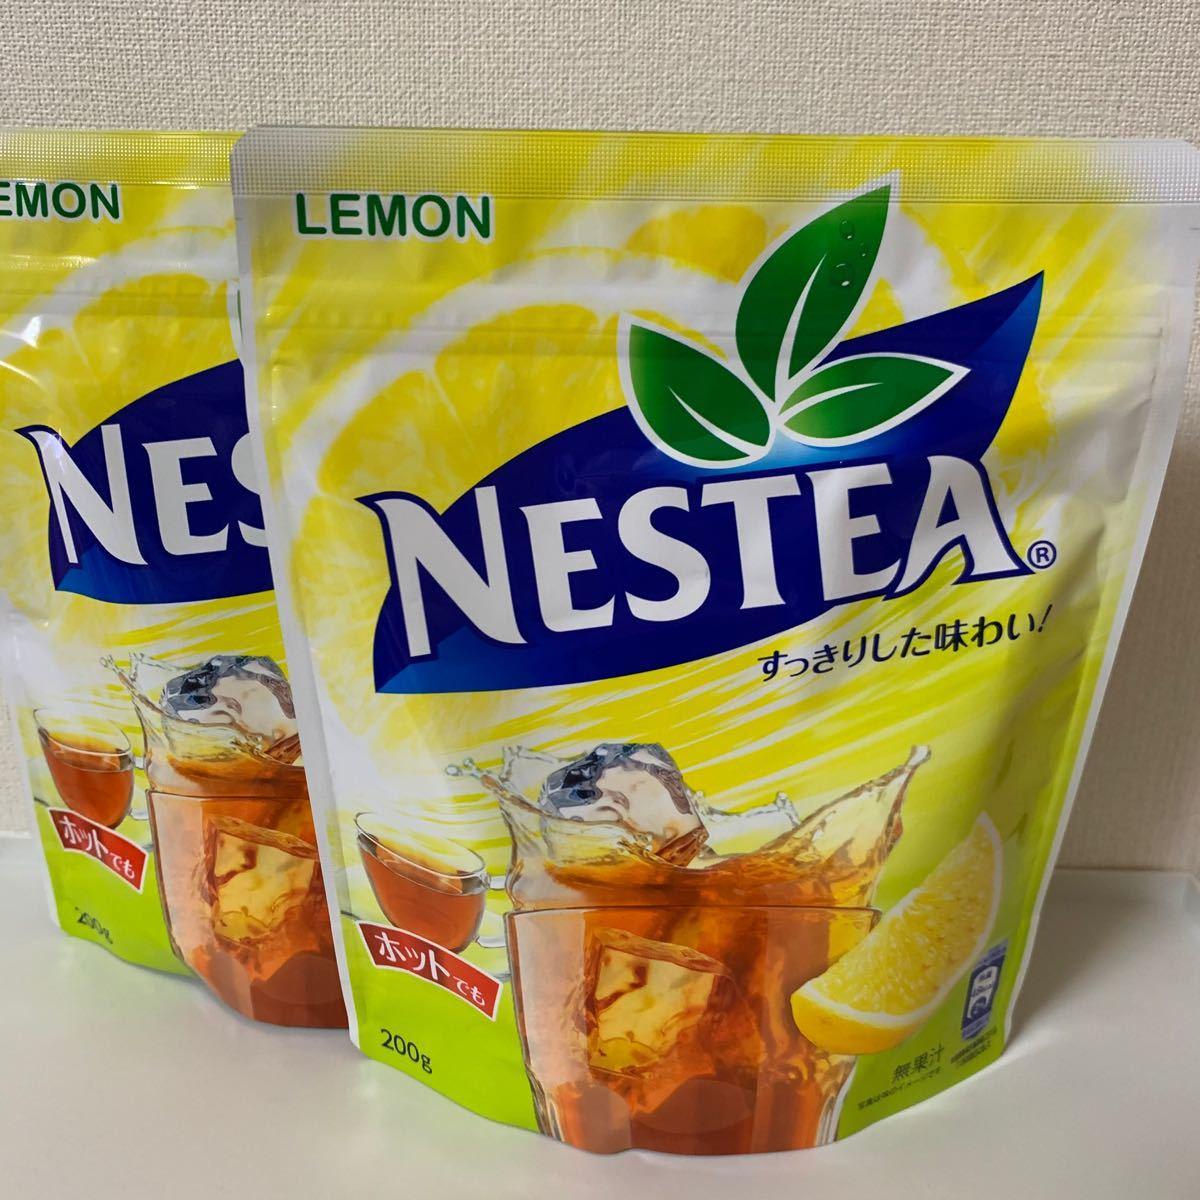 ネスティー レモン 2袋